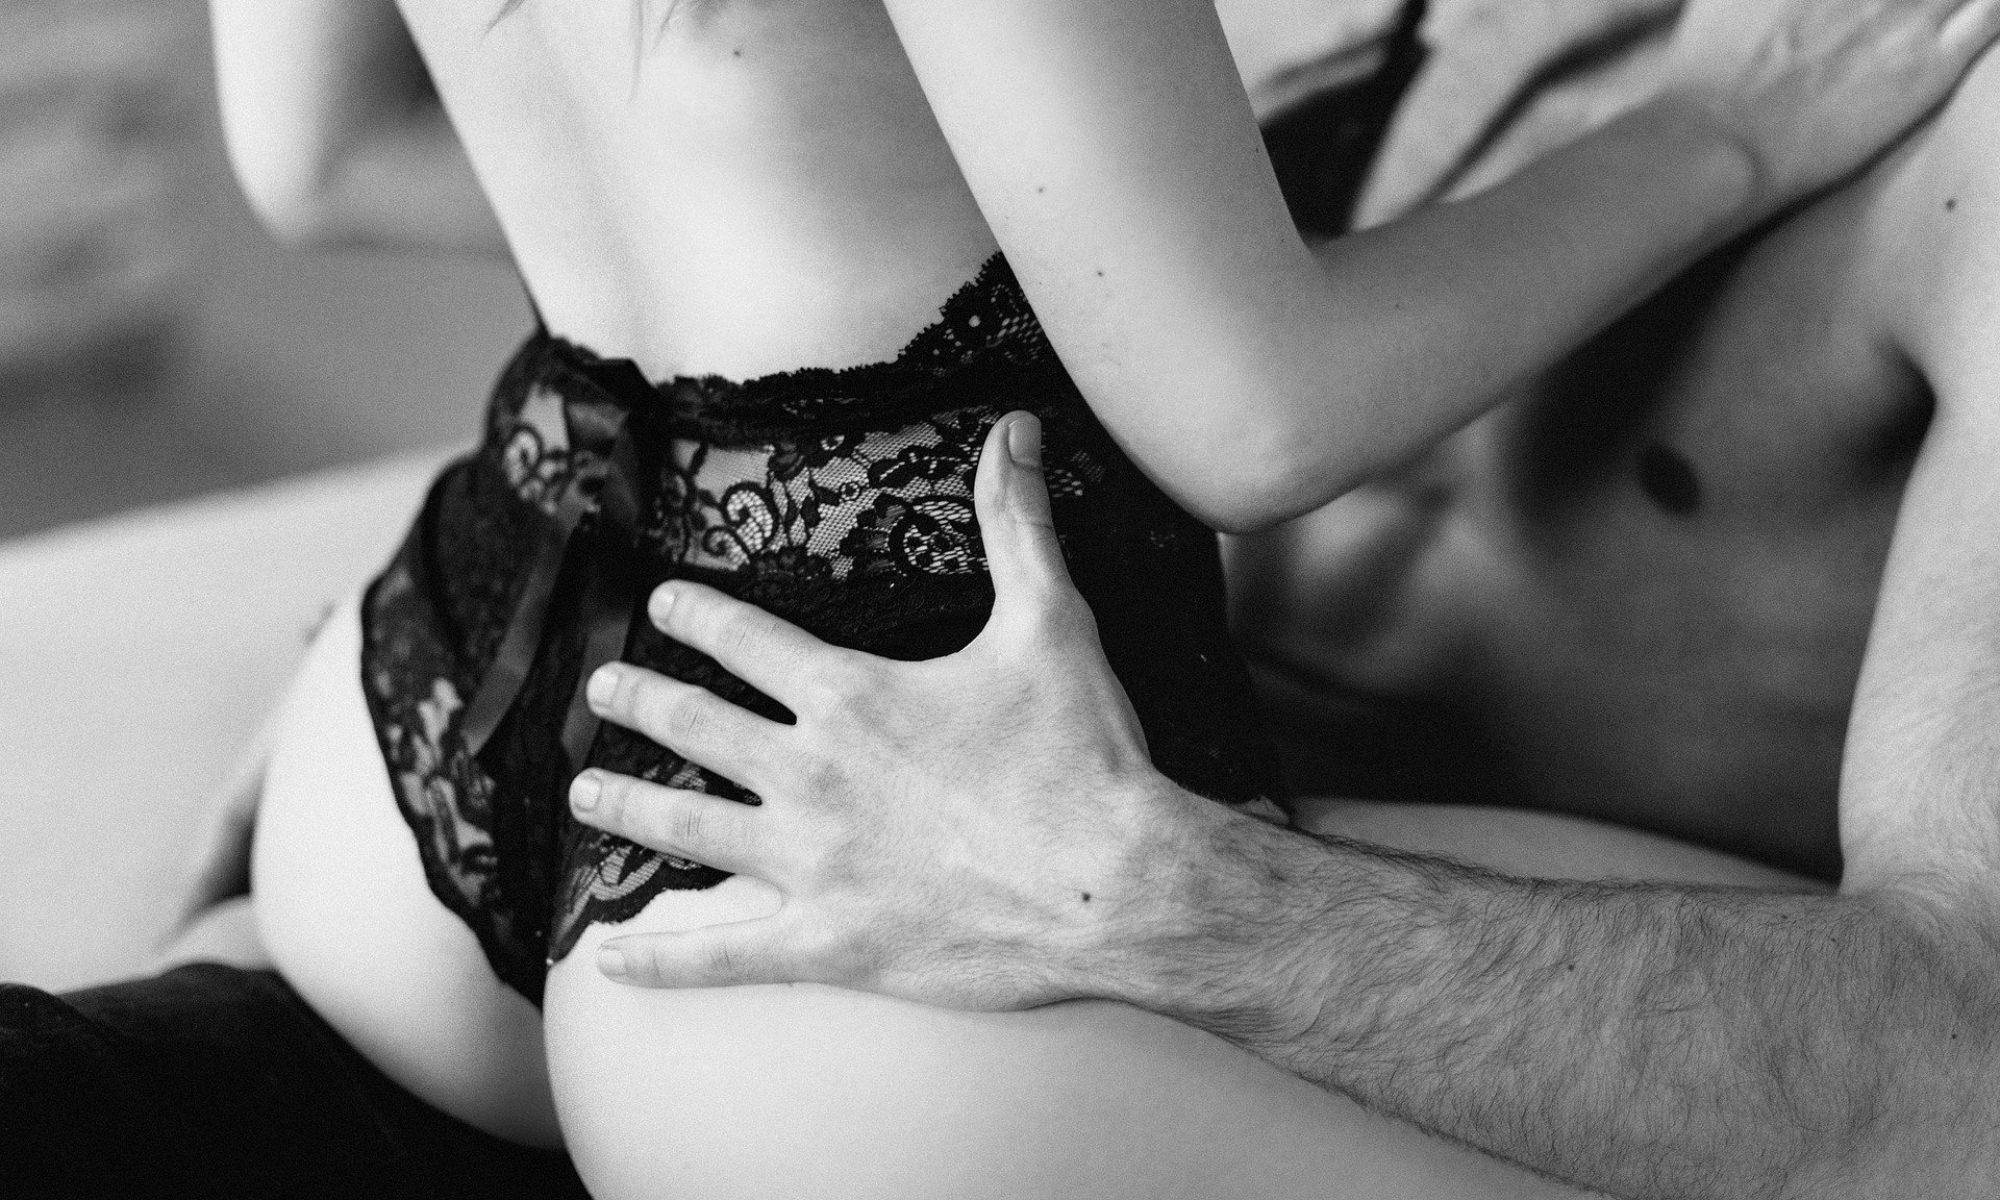 Der Sextreff